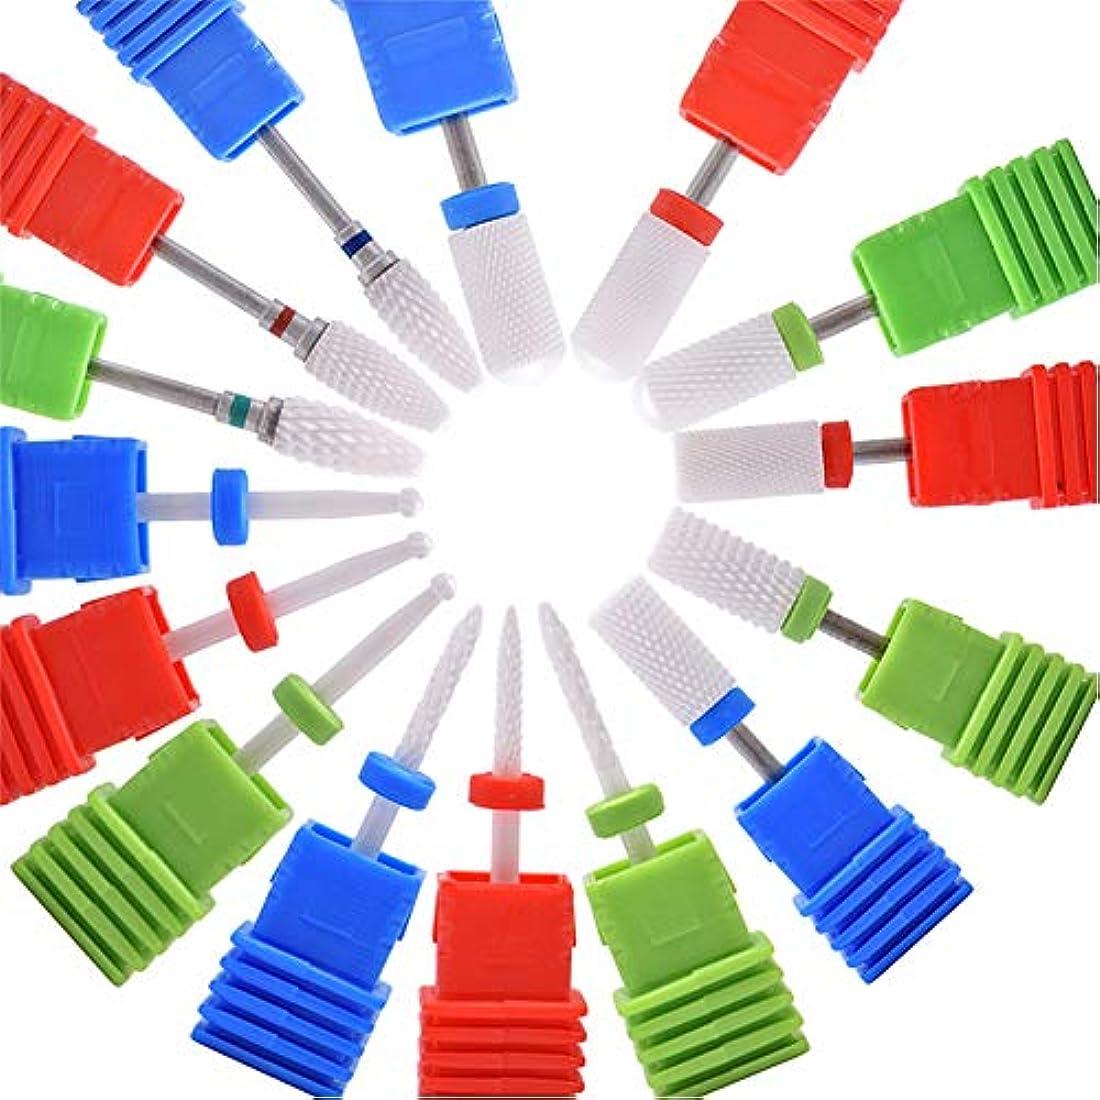 手を差し伸べる香水原子炉Oral Dentistry ネイルアート ドリルビット 研削ヘッド 研磨ヘッド ネイル グラインド ヘッド 爪 磨き 研磨 研削 セラミック 全3色 15種類